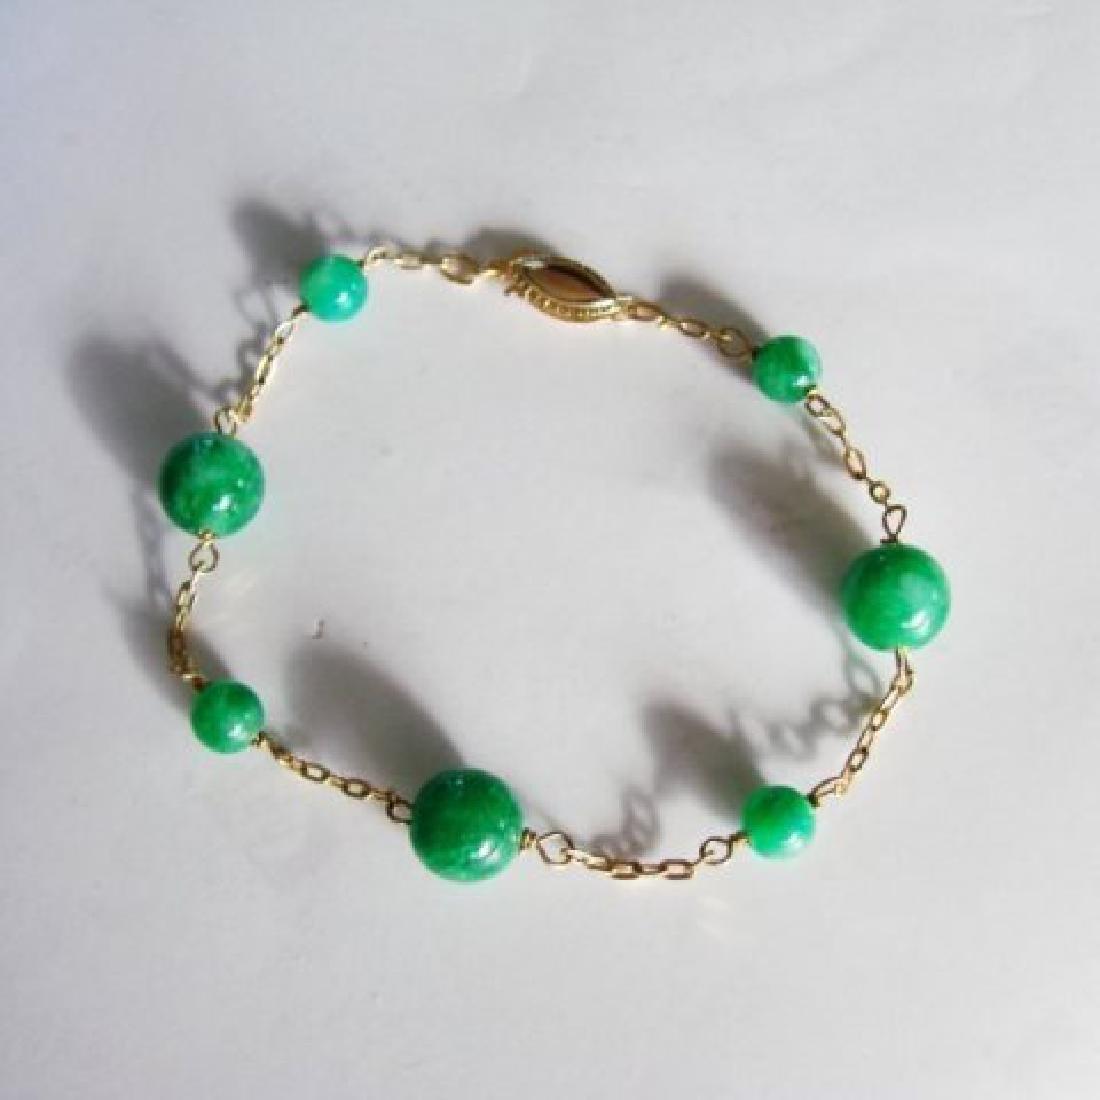 Natural Jadeite Jade Bacelet 18k Y/g Filled